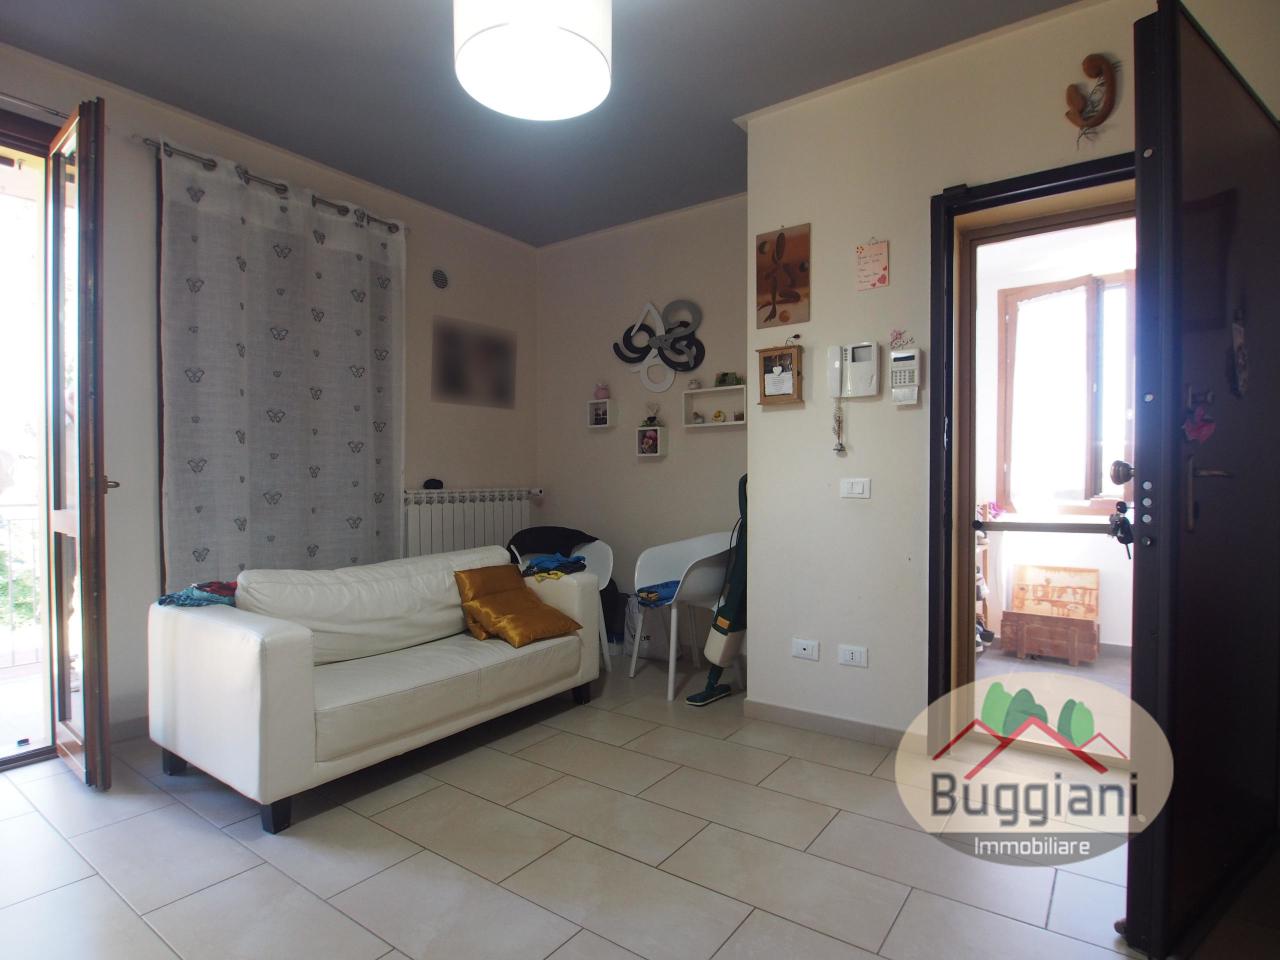 Appartamento in vendita RIF. 2434, San Miniato (PI)